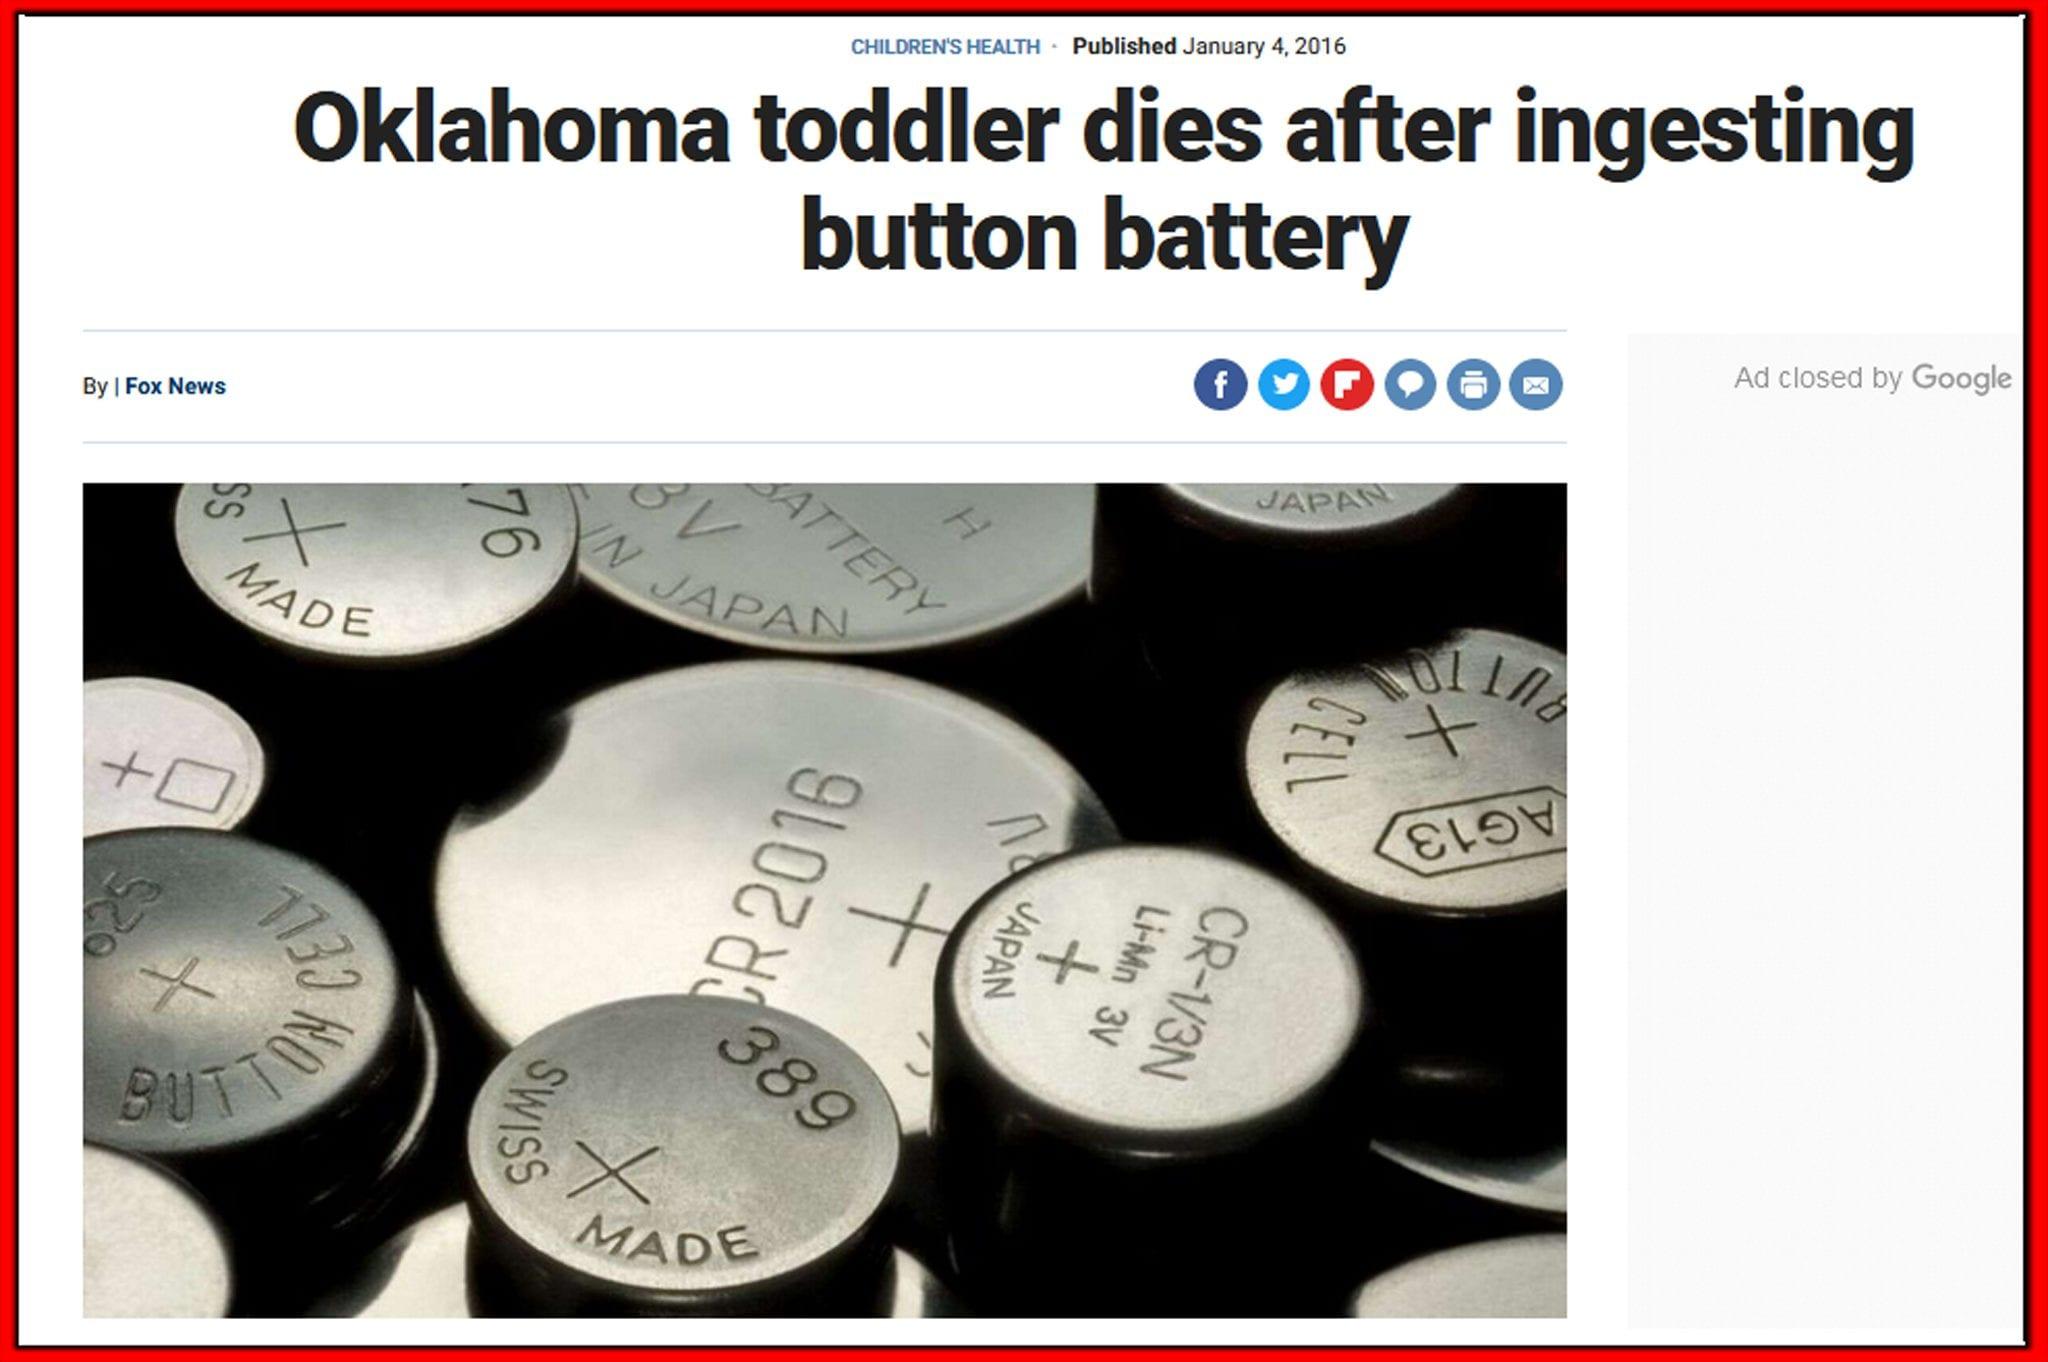 وفاة طفل بسبب ابتلاع بطارية